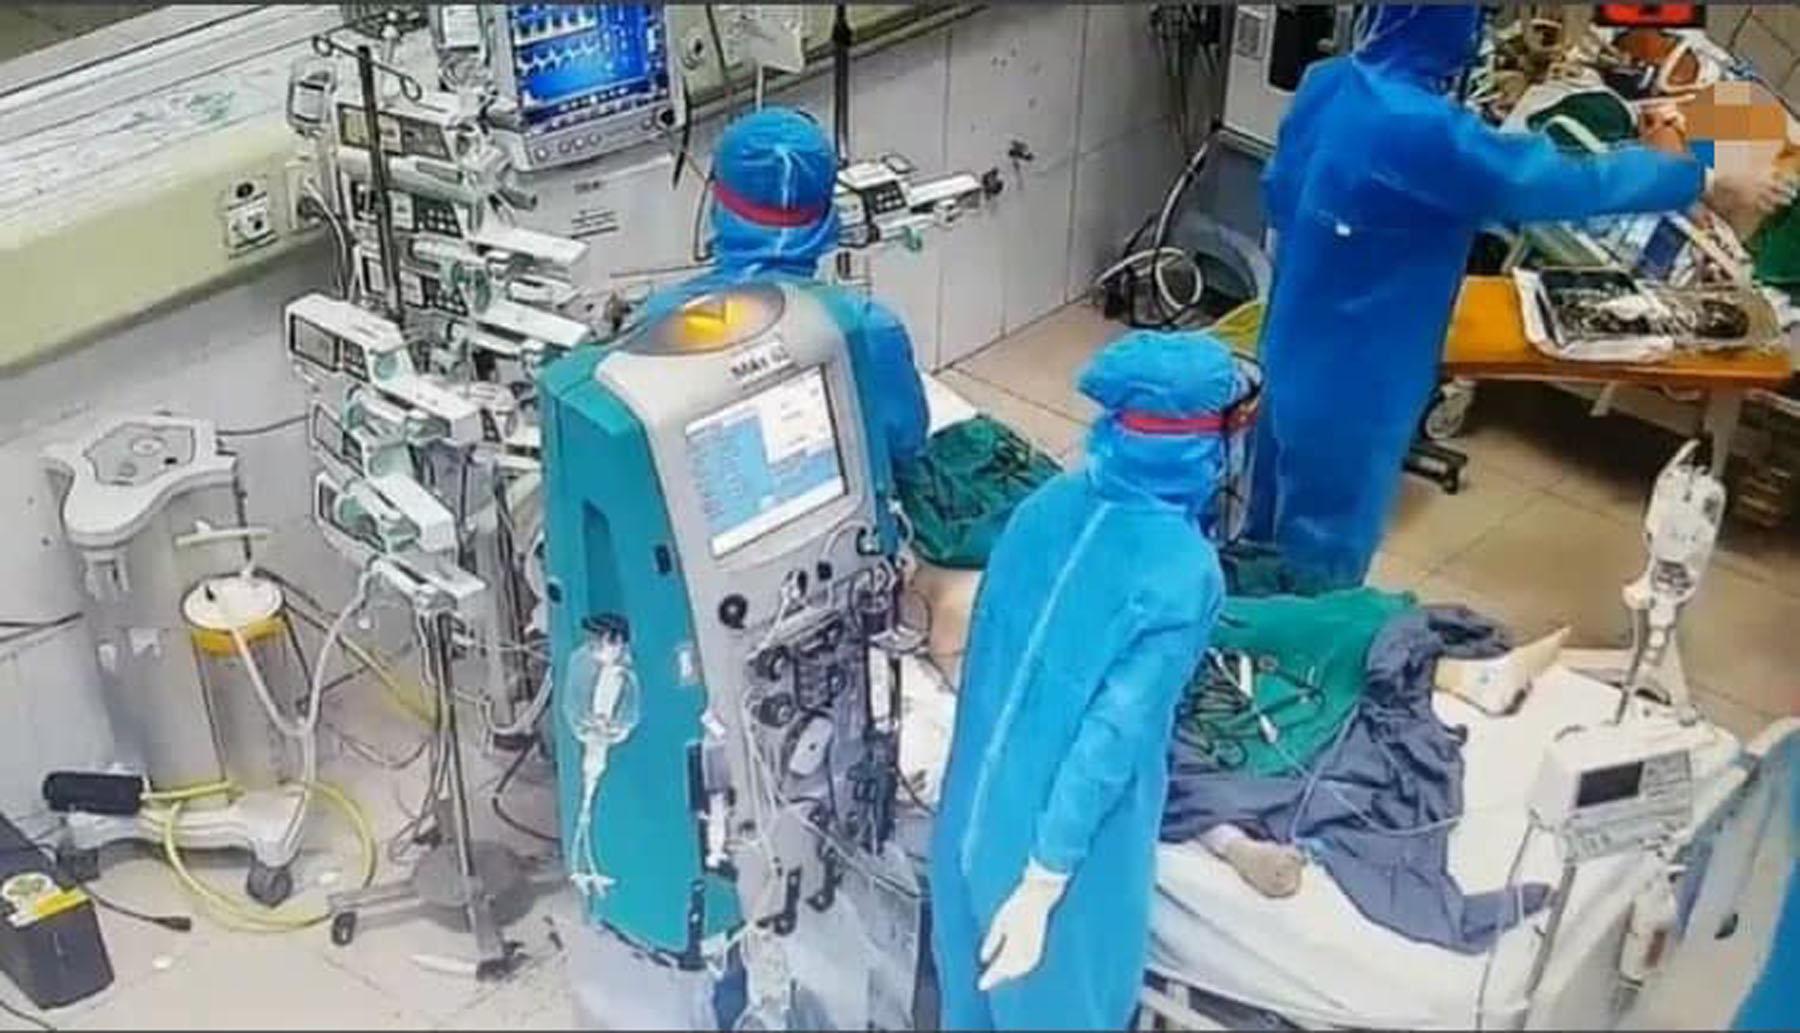 16 bệnh nhân Covid-19 nguy kịch, trong đó có 1 bác sĩ 25 tuổi - Ảnh 1.